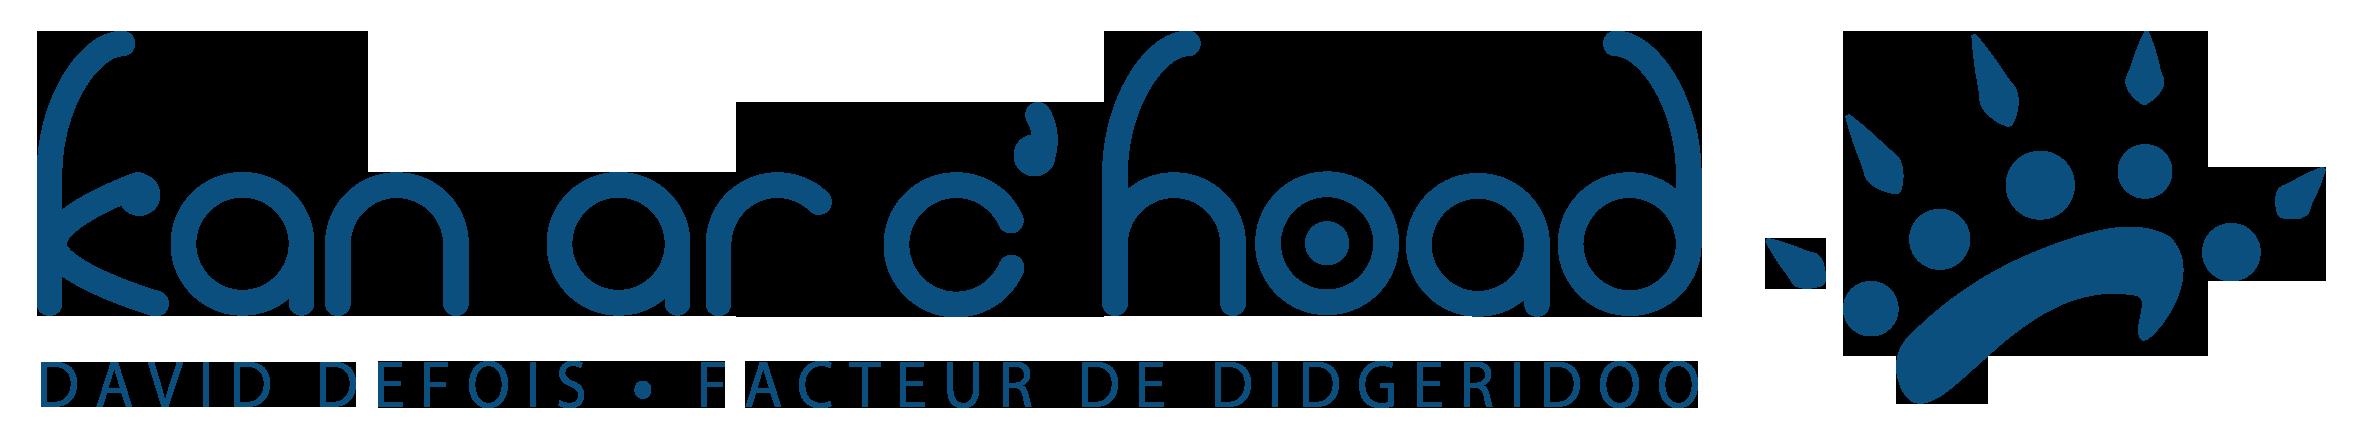 KAN AR C'HOAD, Facteur de Didgeridoo